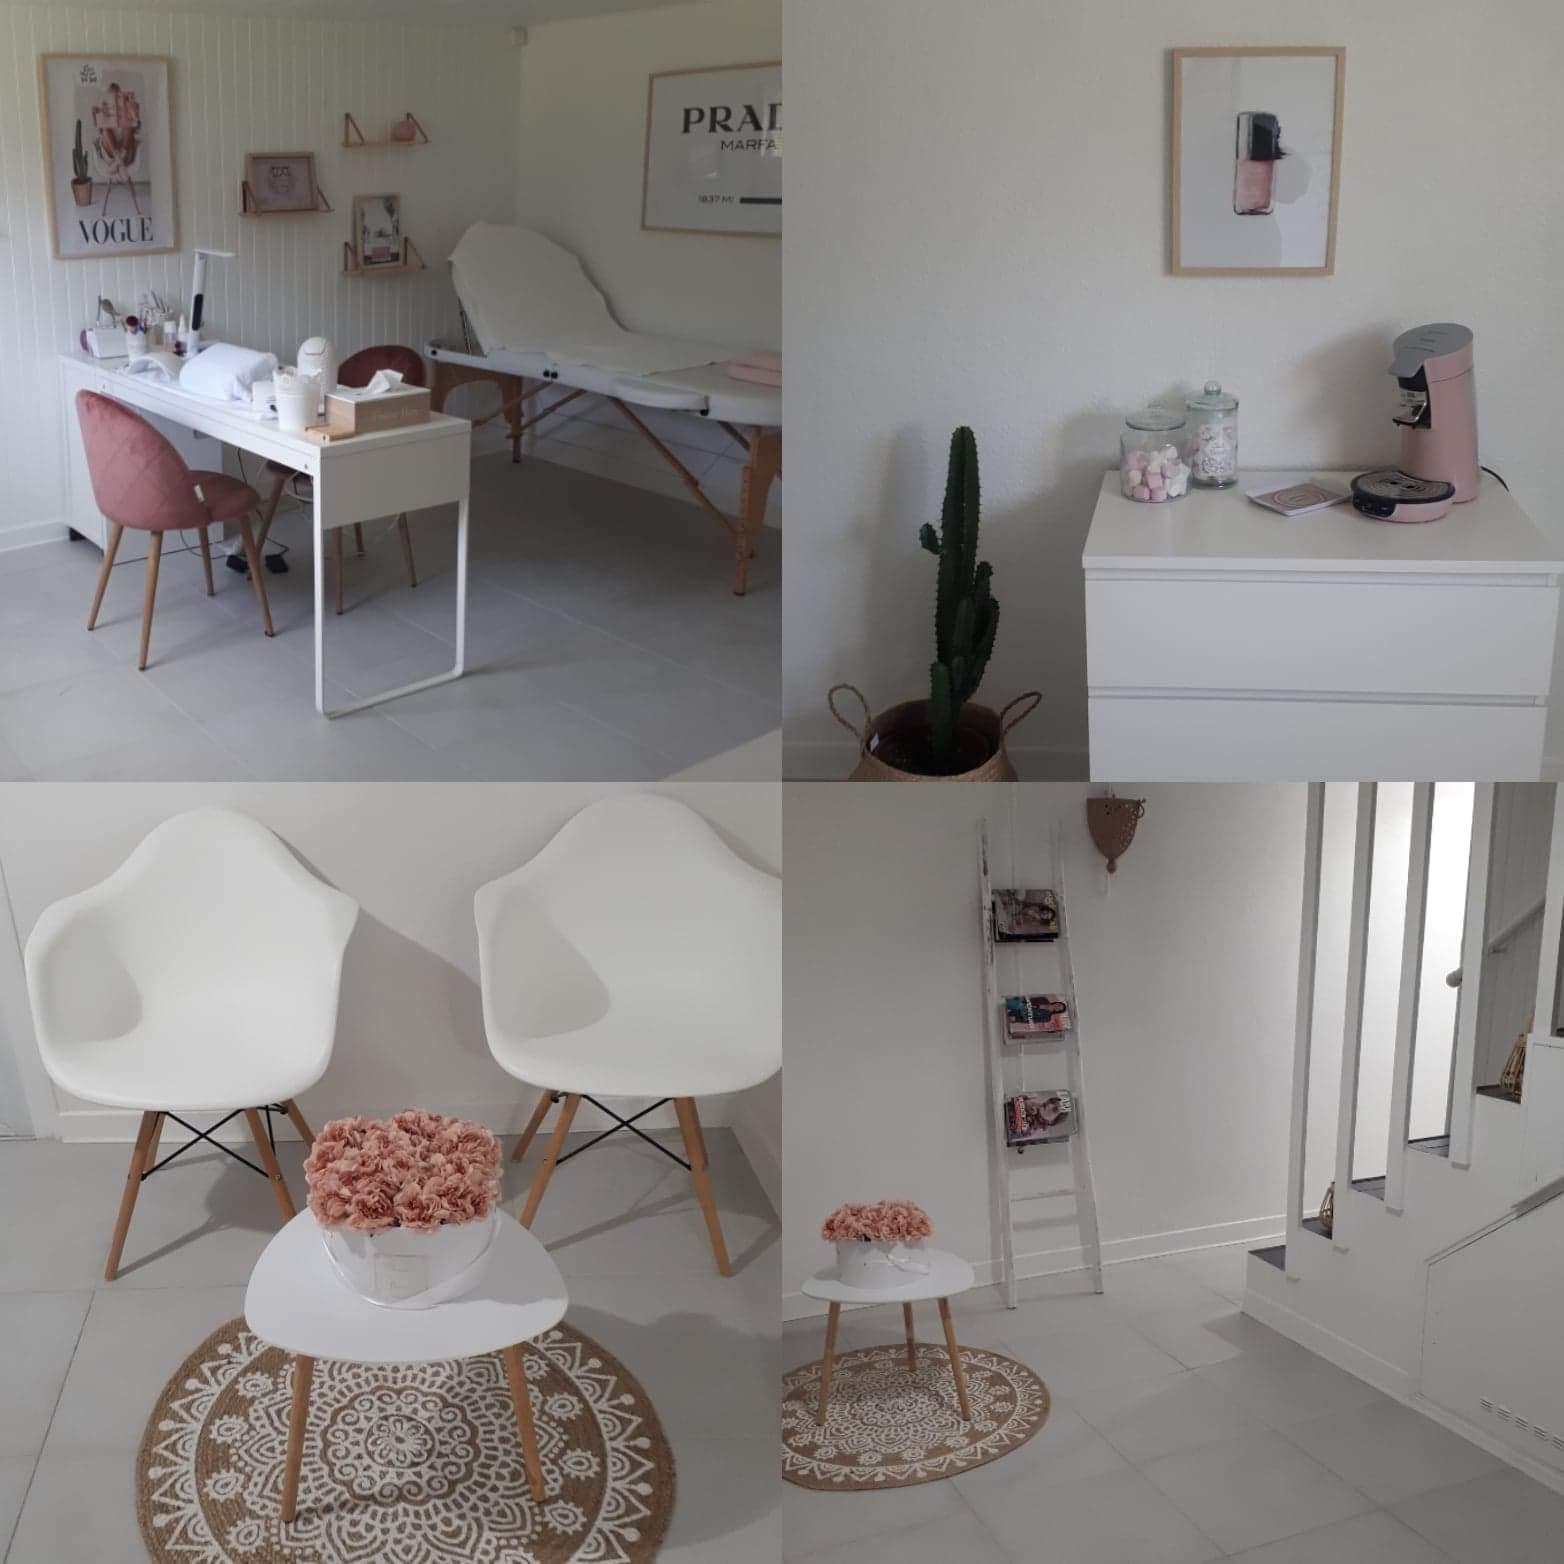 Salon manucure et salle d'attente - Marie Nails Studio